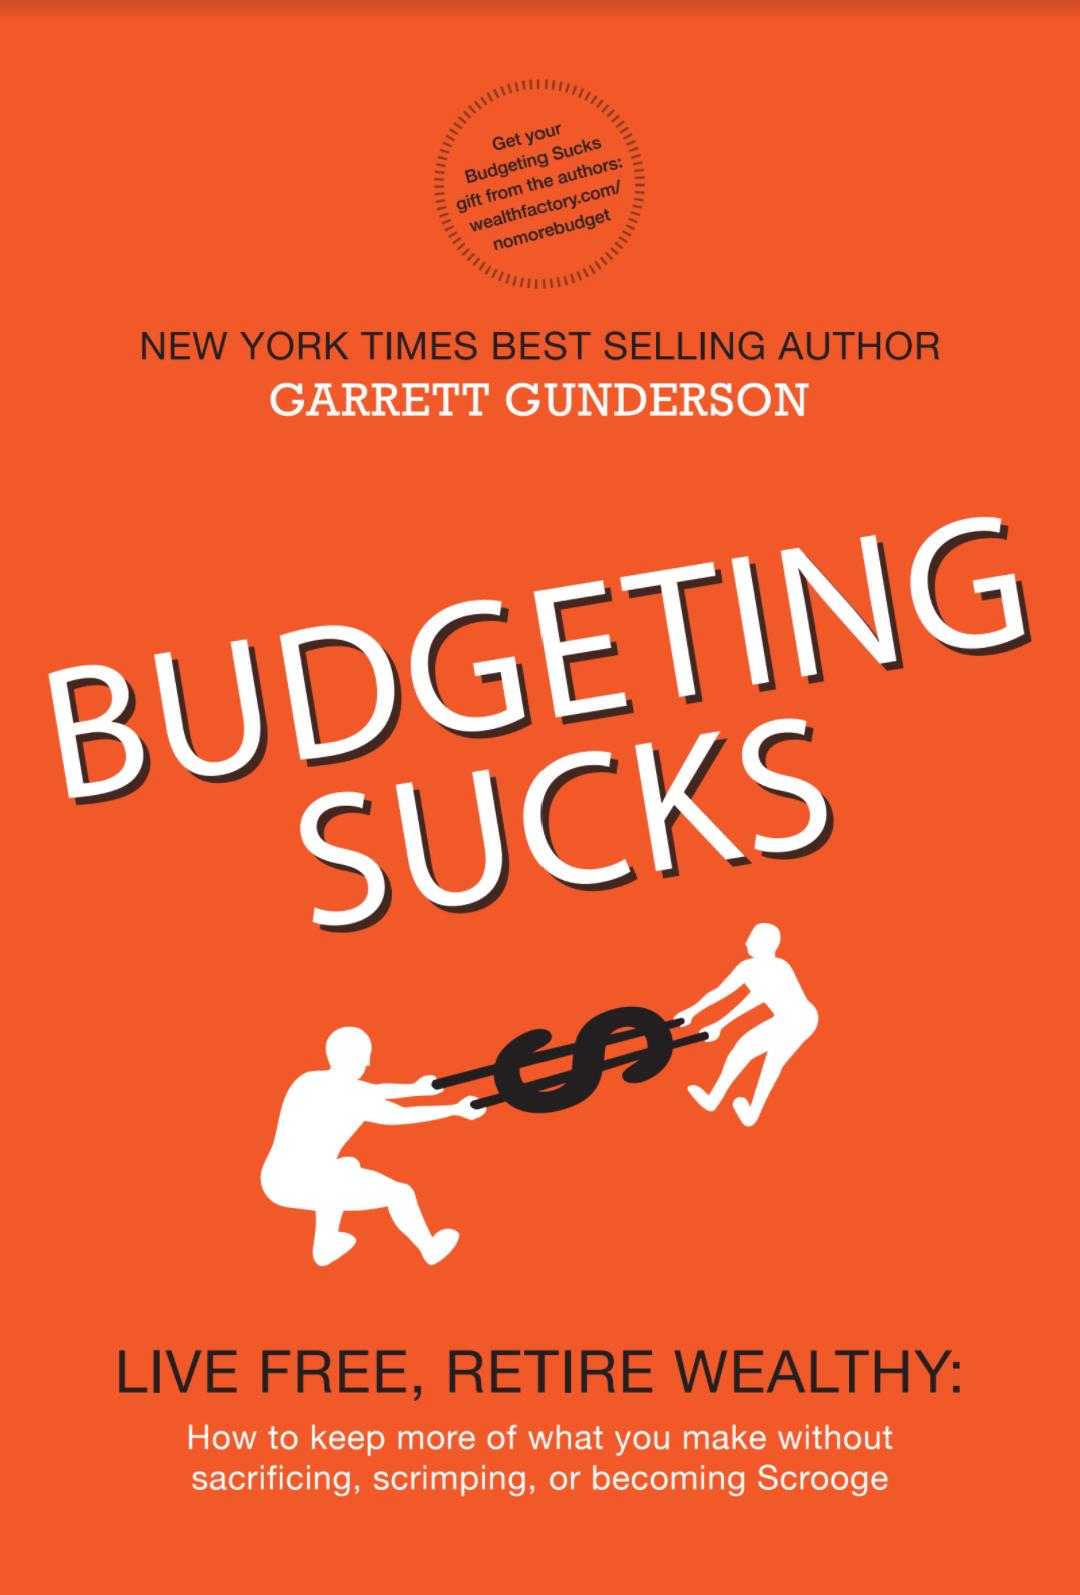 Budgeting Sucks